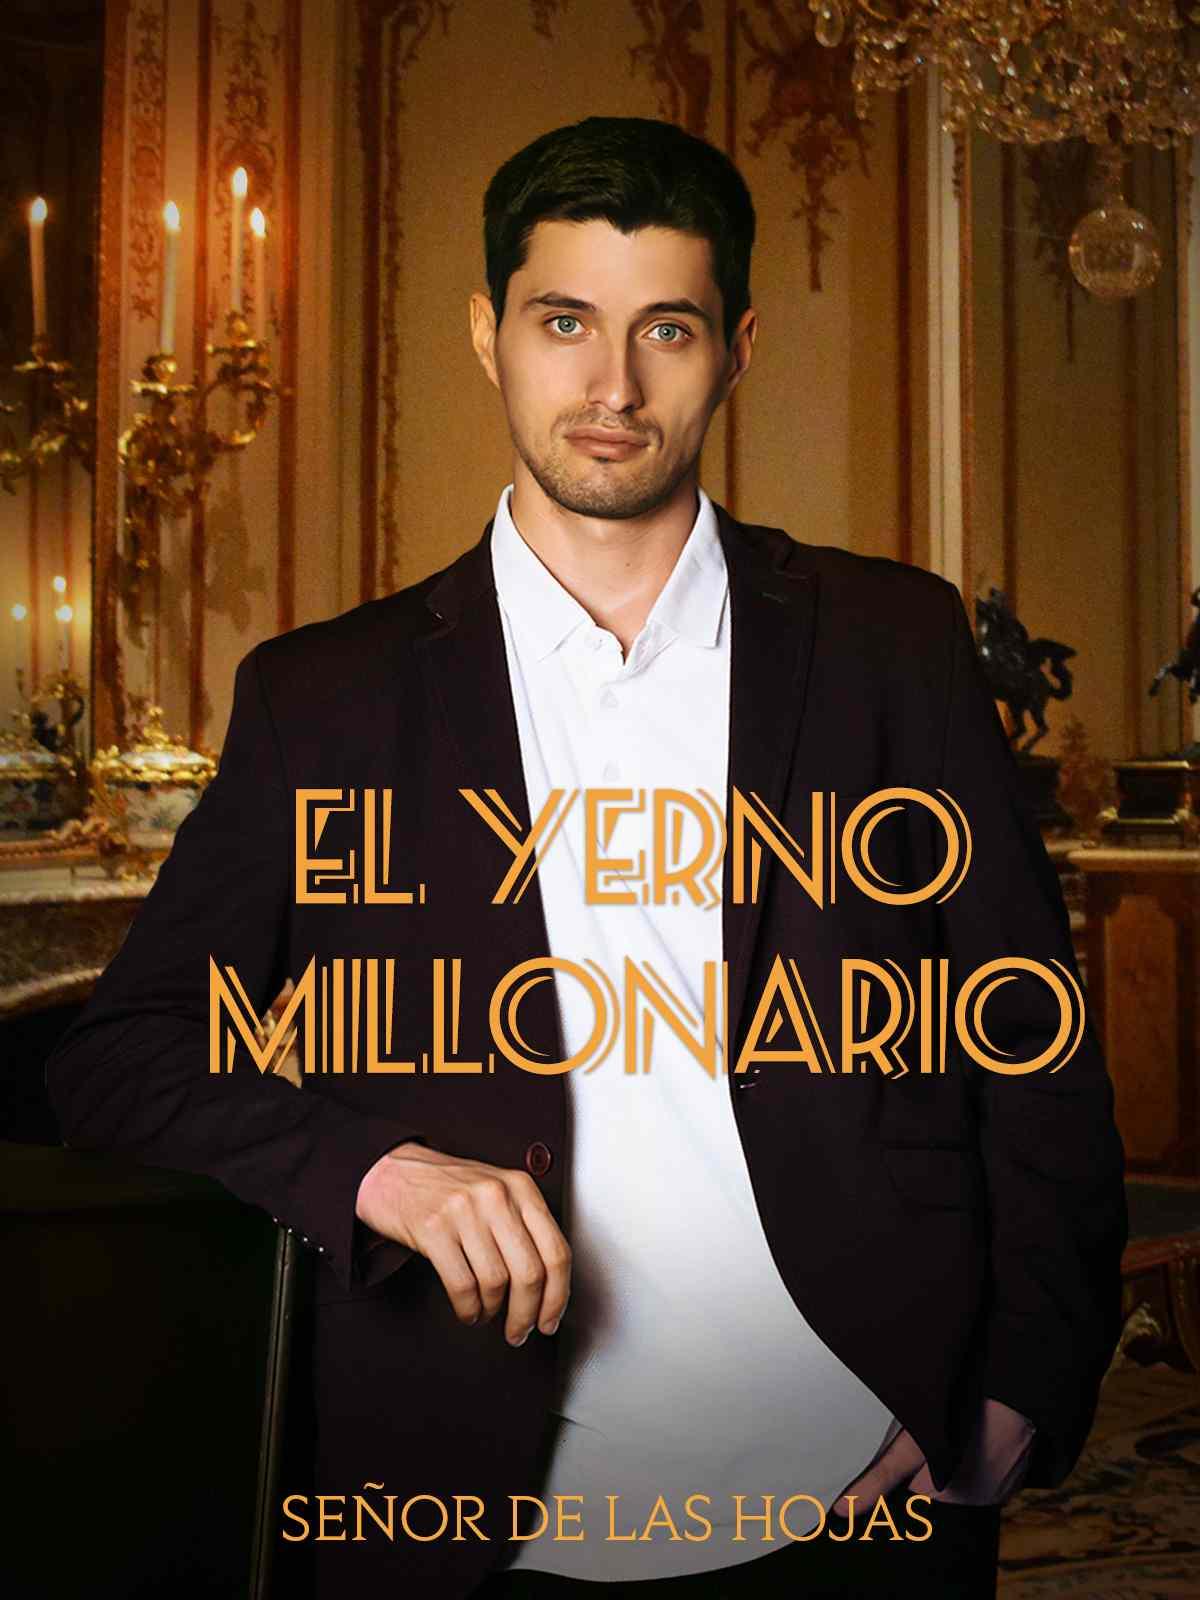 El Yerno Millonario